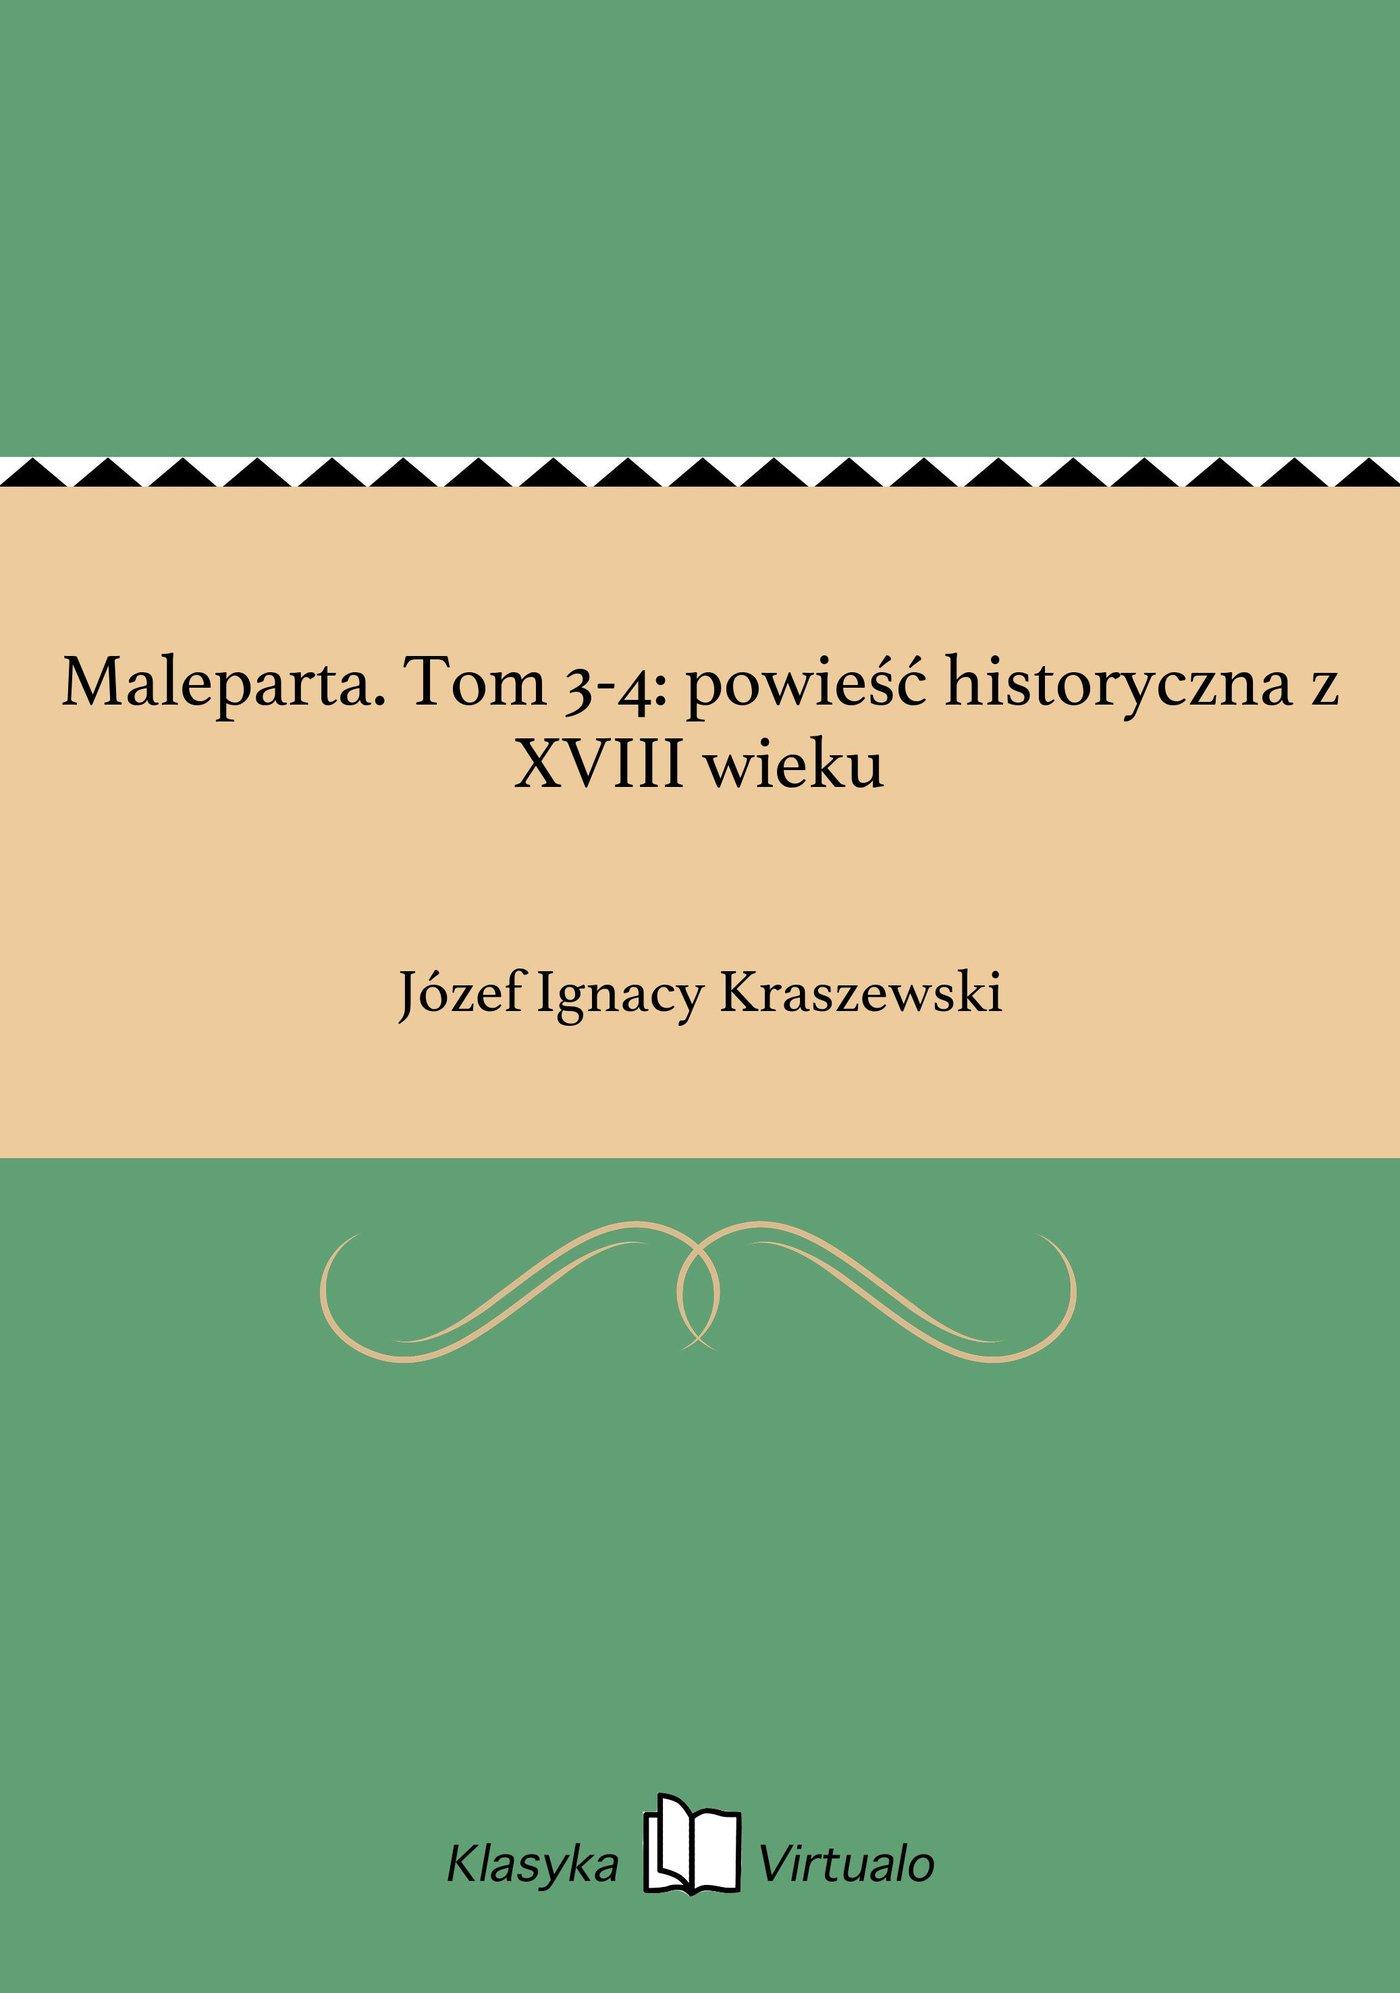 Maleparta. Tom 3-4: powieść historyczna z XVIII wieku - Ebook (Książka EPUB) do pobrania w formacie EPUB